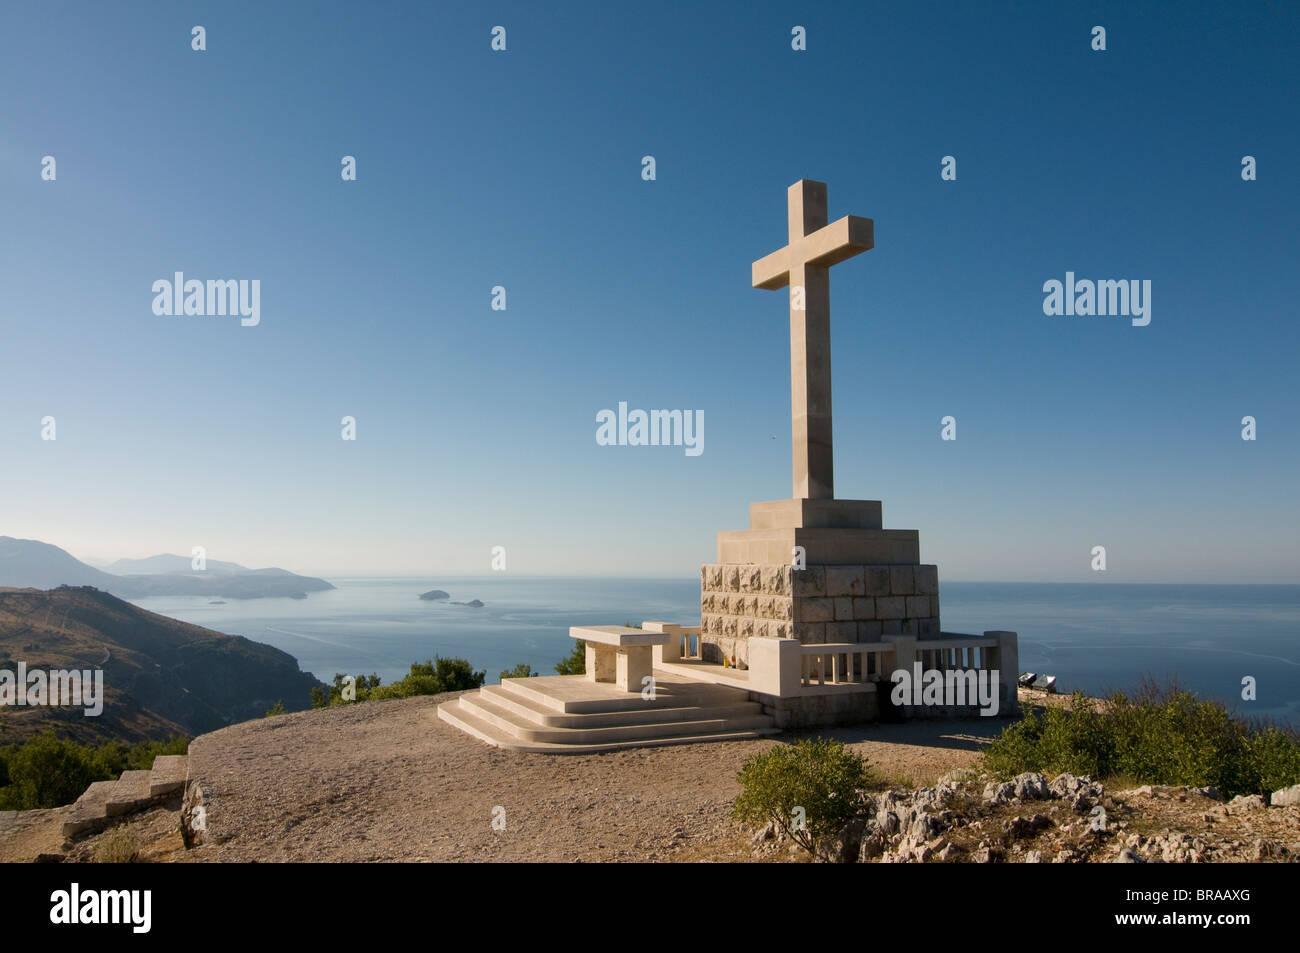 Enorme croce cristiana sulla cima della montagna sopra la città vecchia di Dubrovnik, Croazia, Europa Immagini Stock